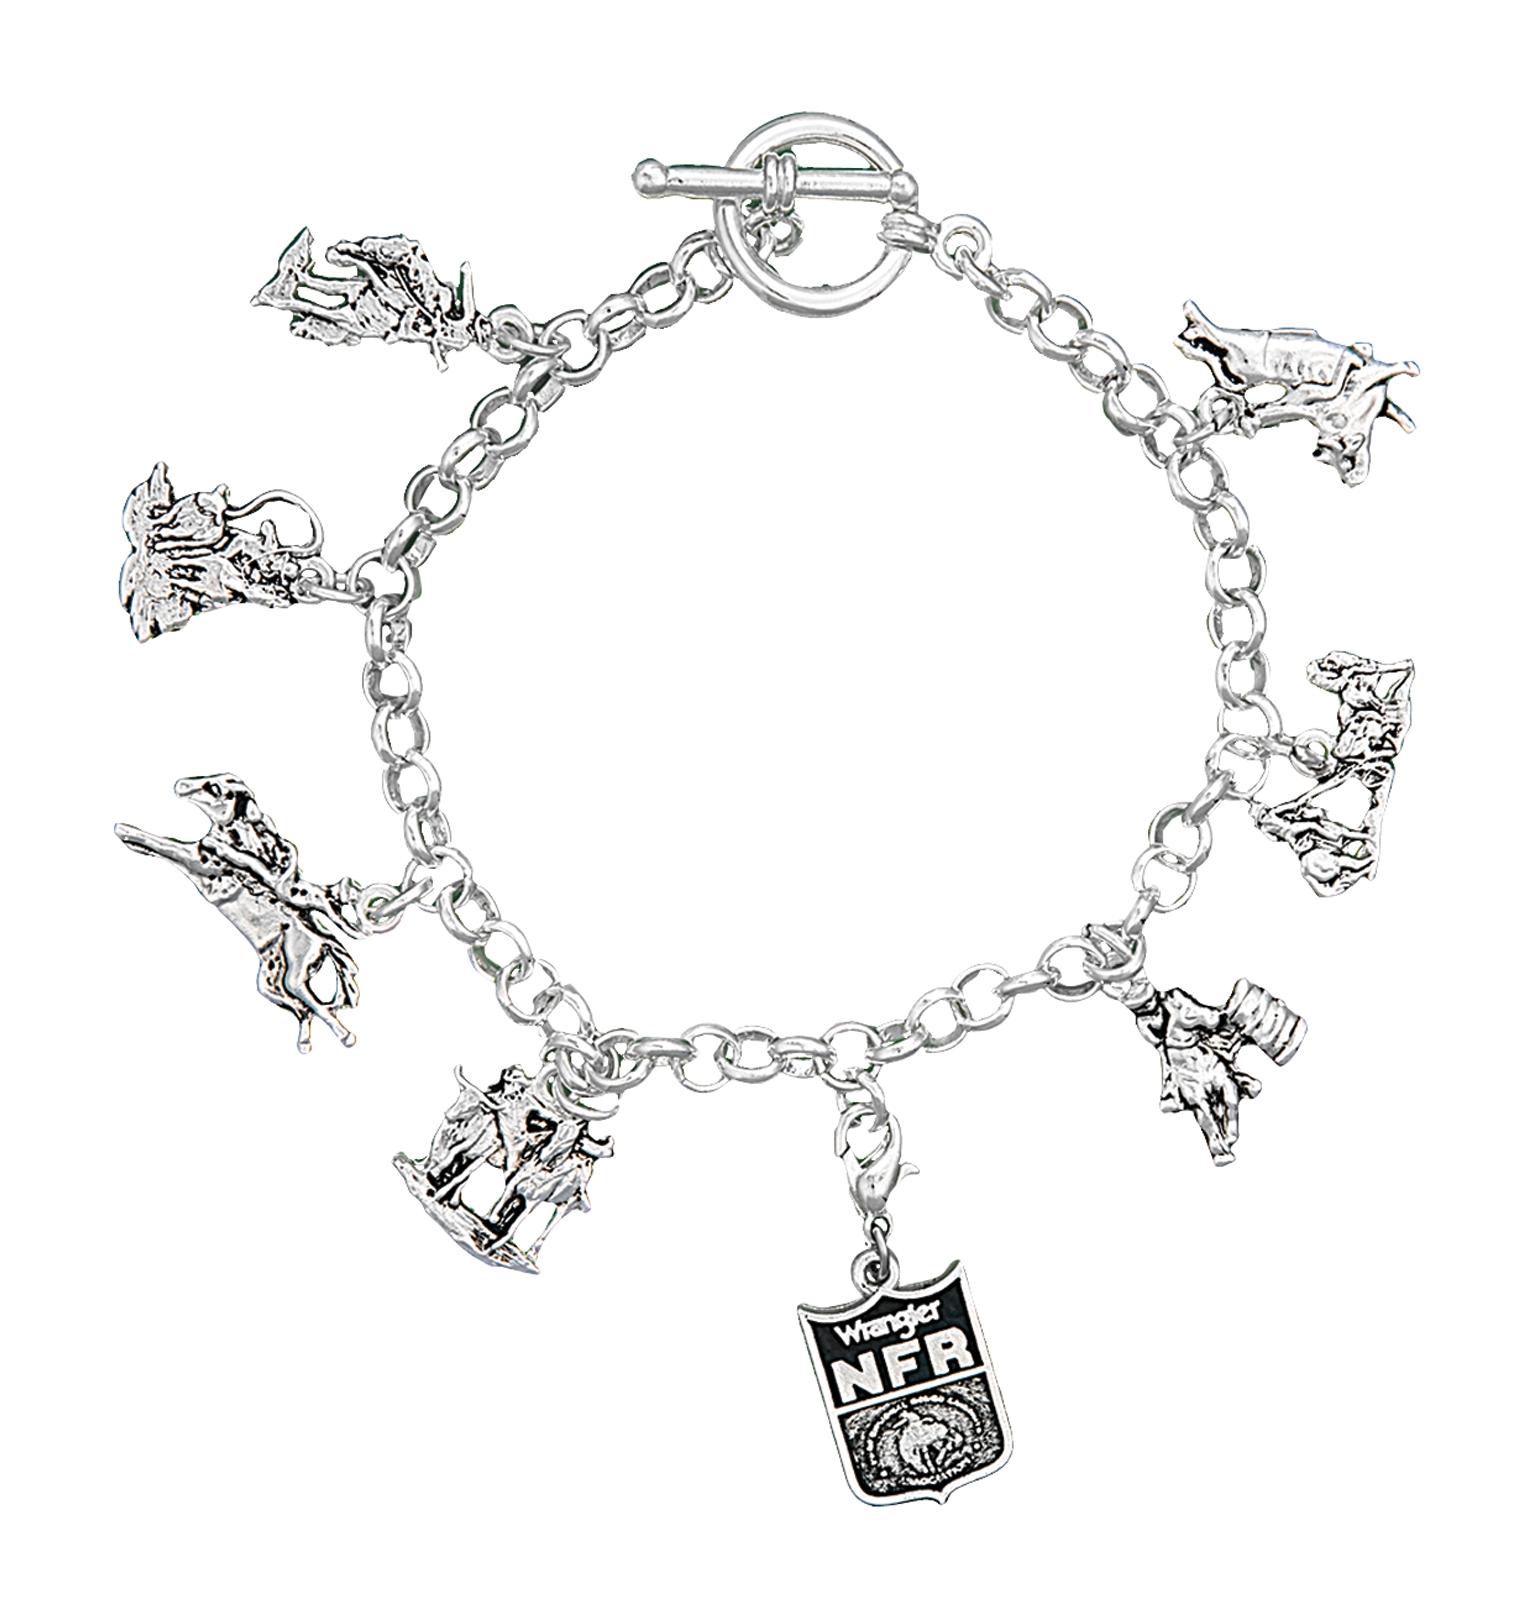 Montana Silversmiths 2013 WNFR Charm Bracelet